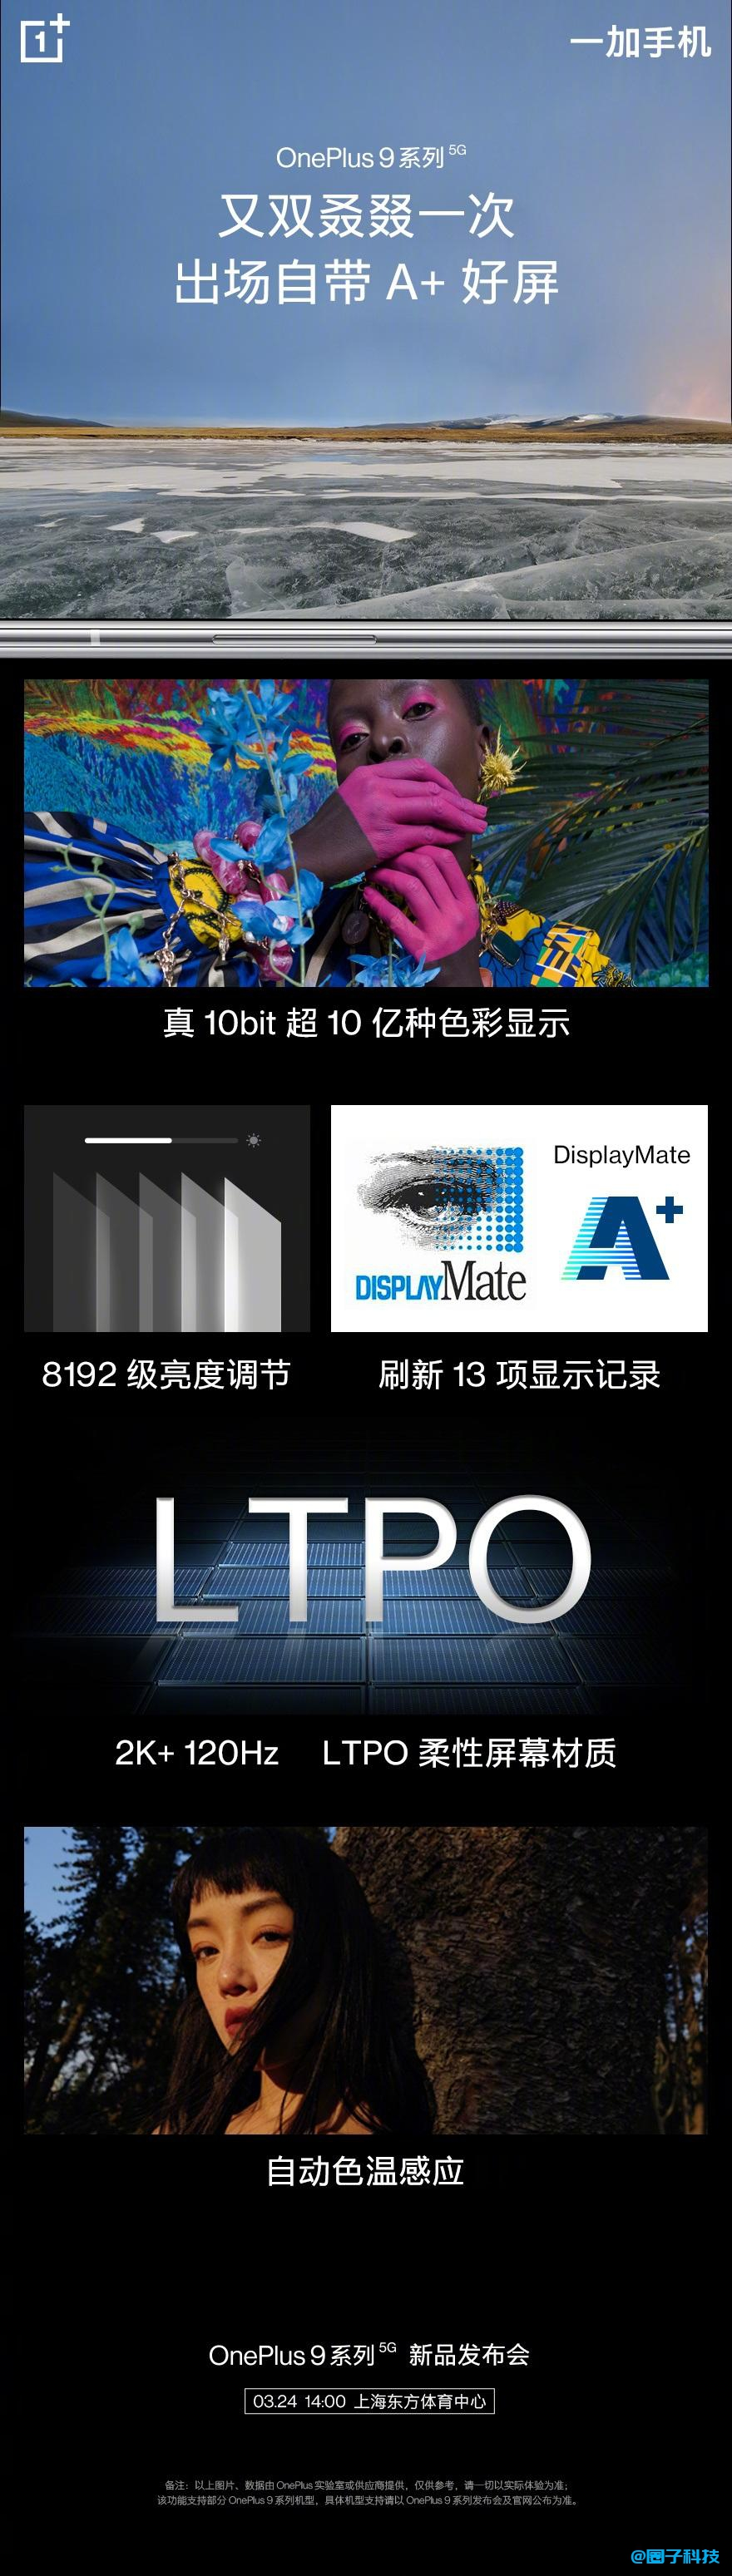 一加 9 系列屏幕官宣:首批 LTPO 柔性屏,2K+120Hz、8192 级亮度调节插图